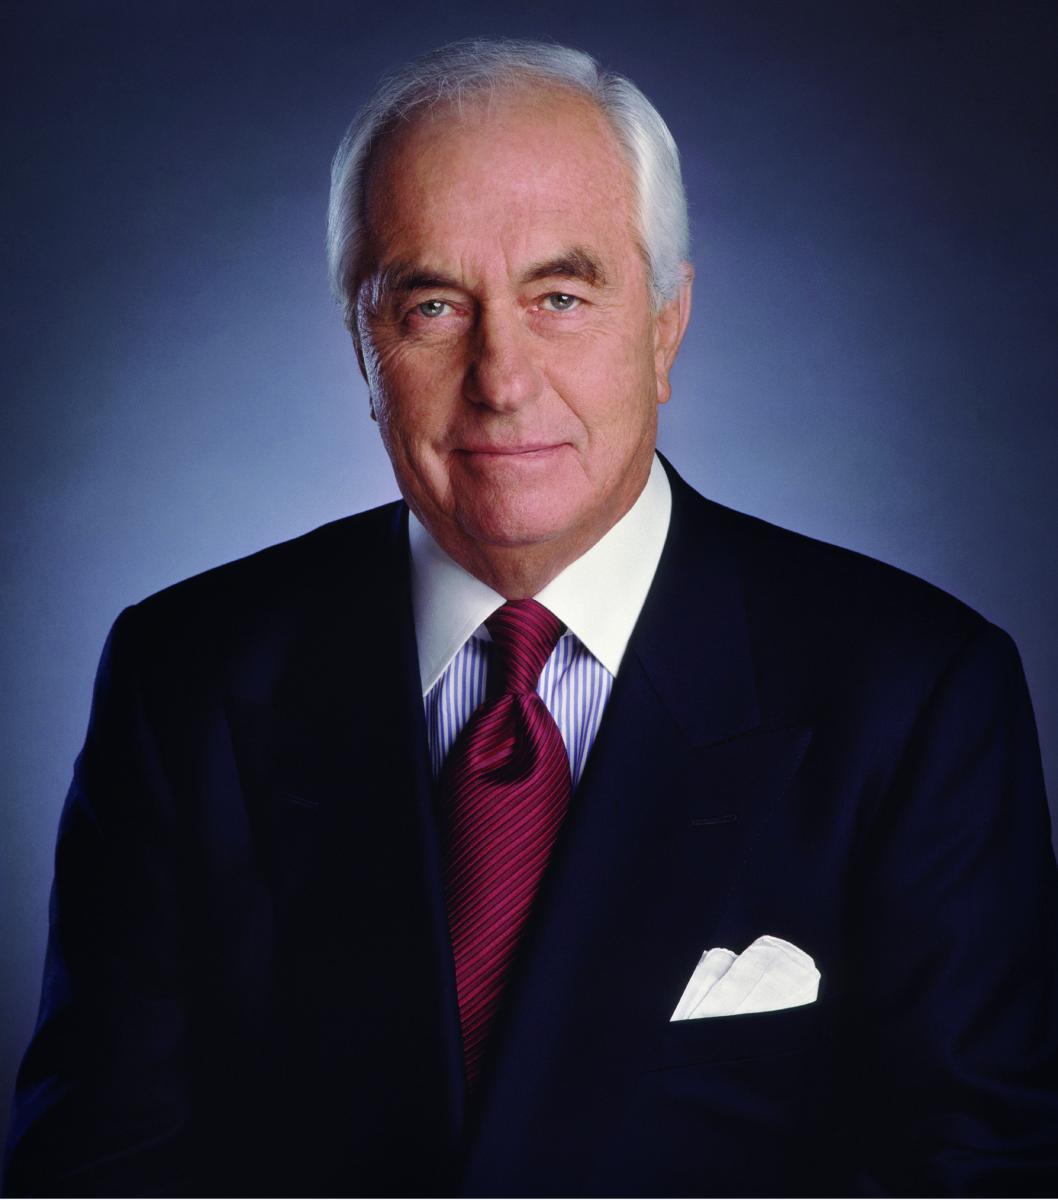 Roger Penske, Chairman of Penske Corporation